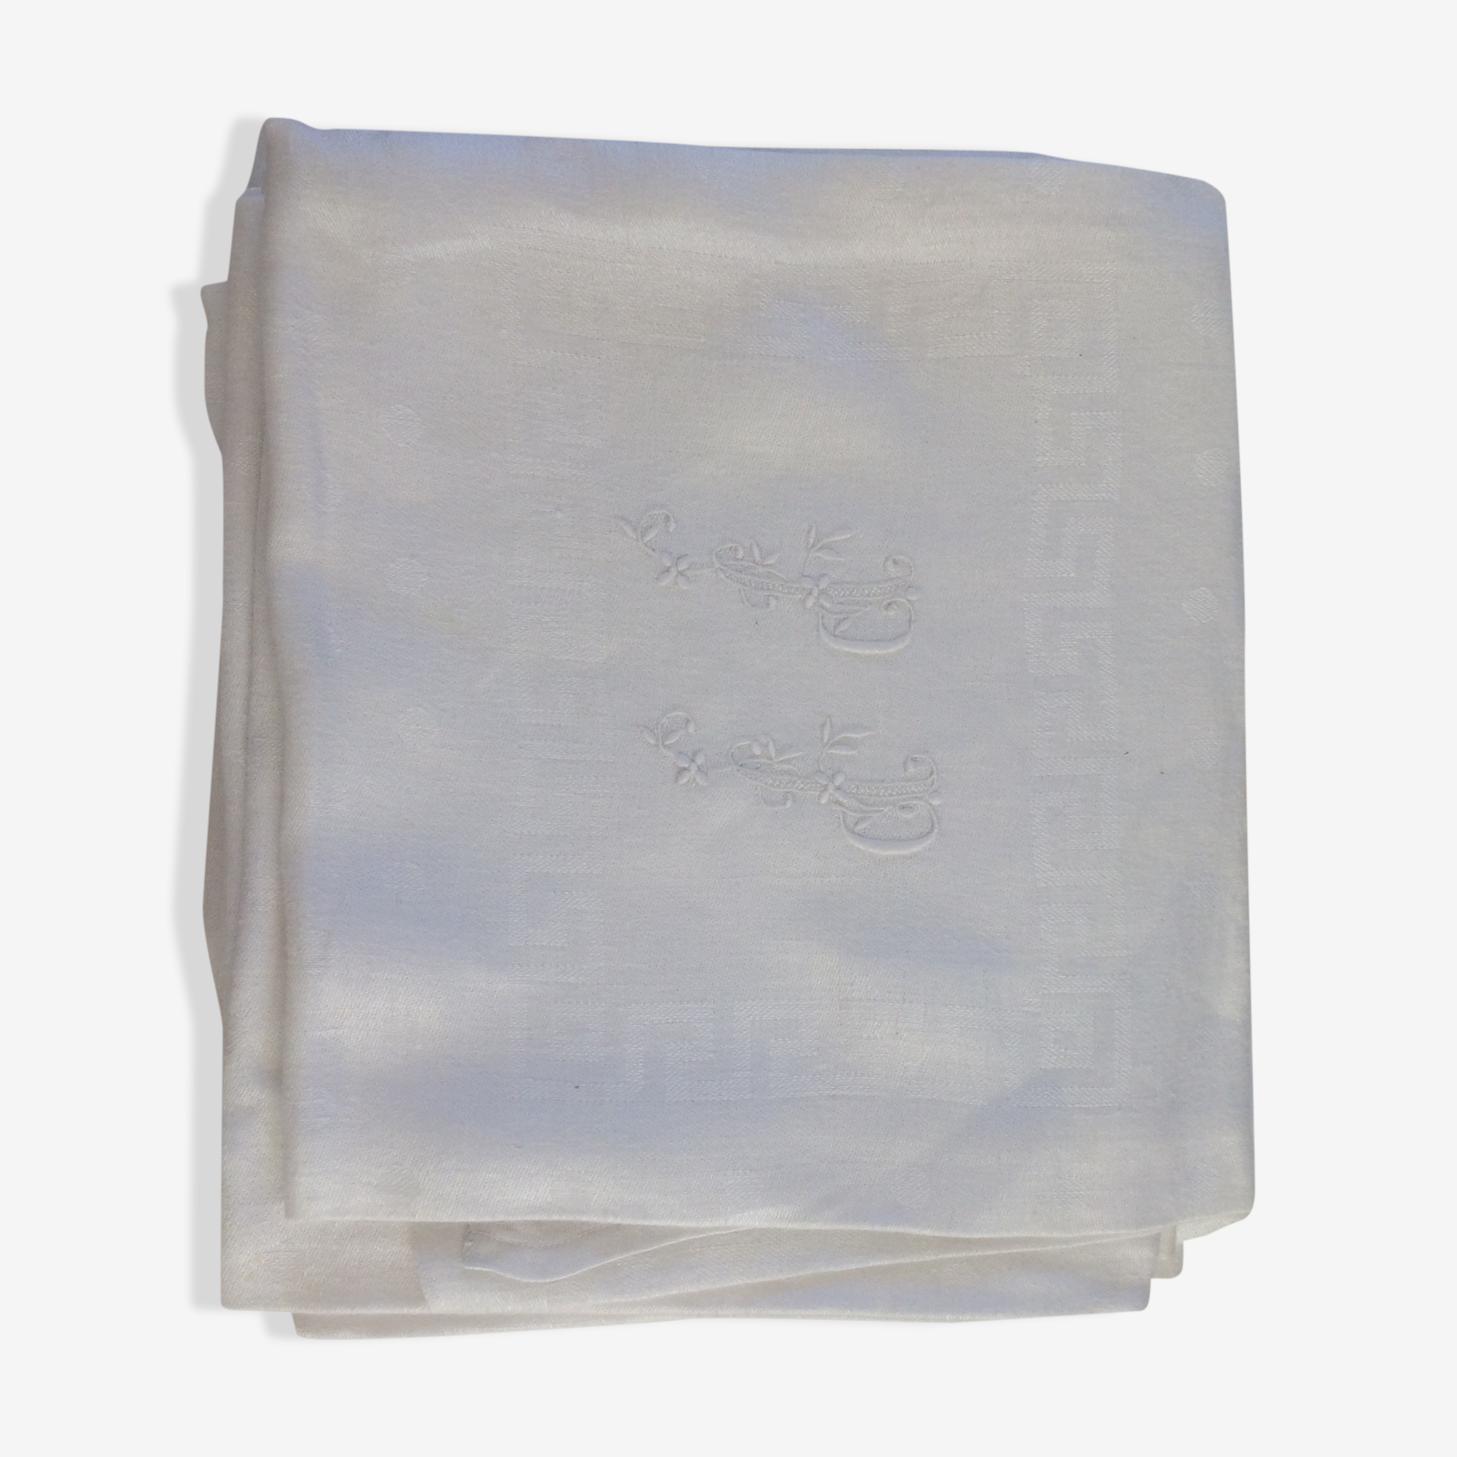 Lot de 8 serviettes damassées avec monogrammes.